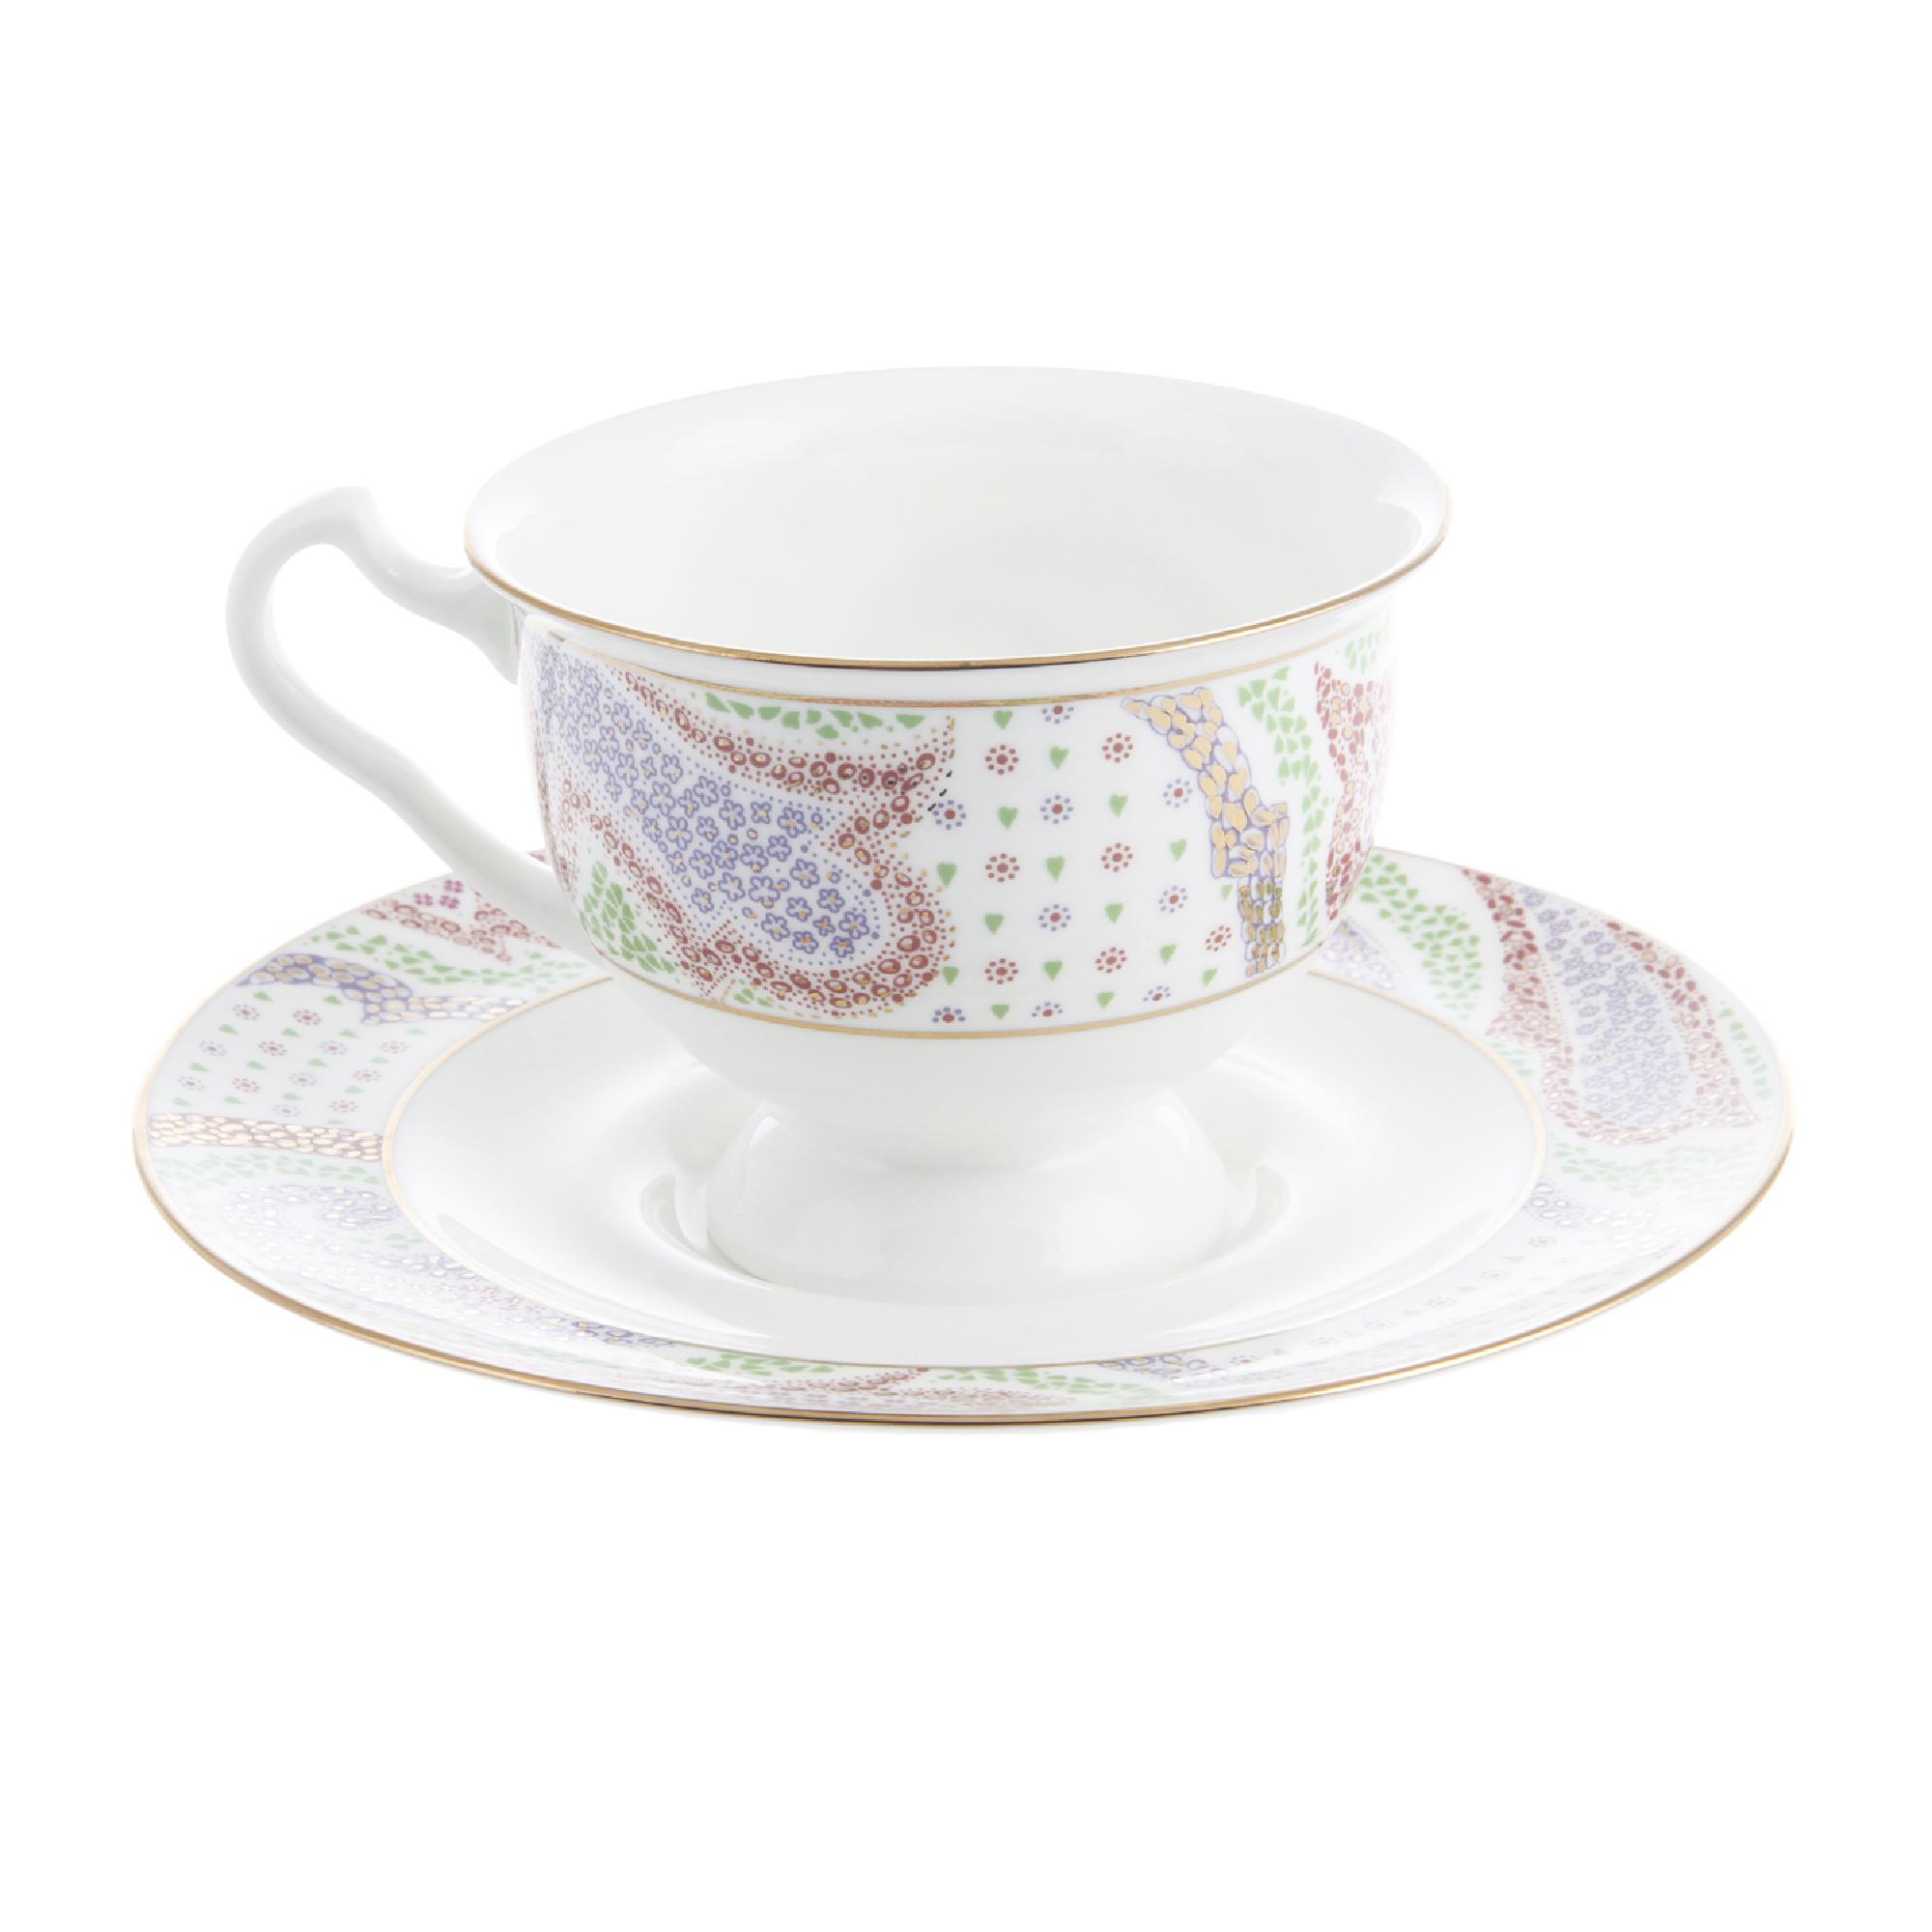 Чашка с блюдцем чайная айседора мариент фиол кн1 Ифз